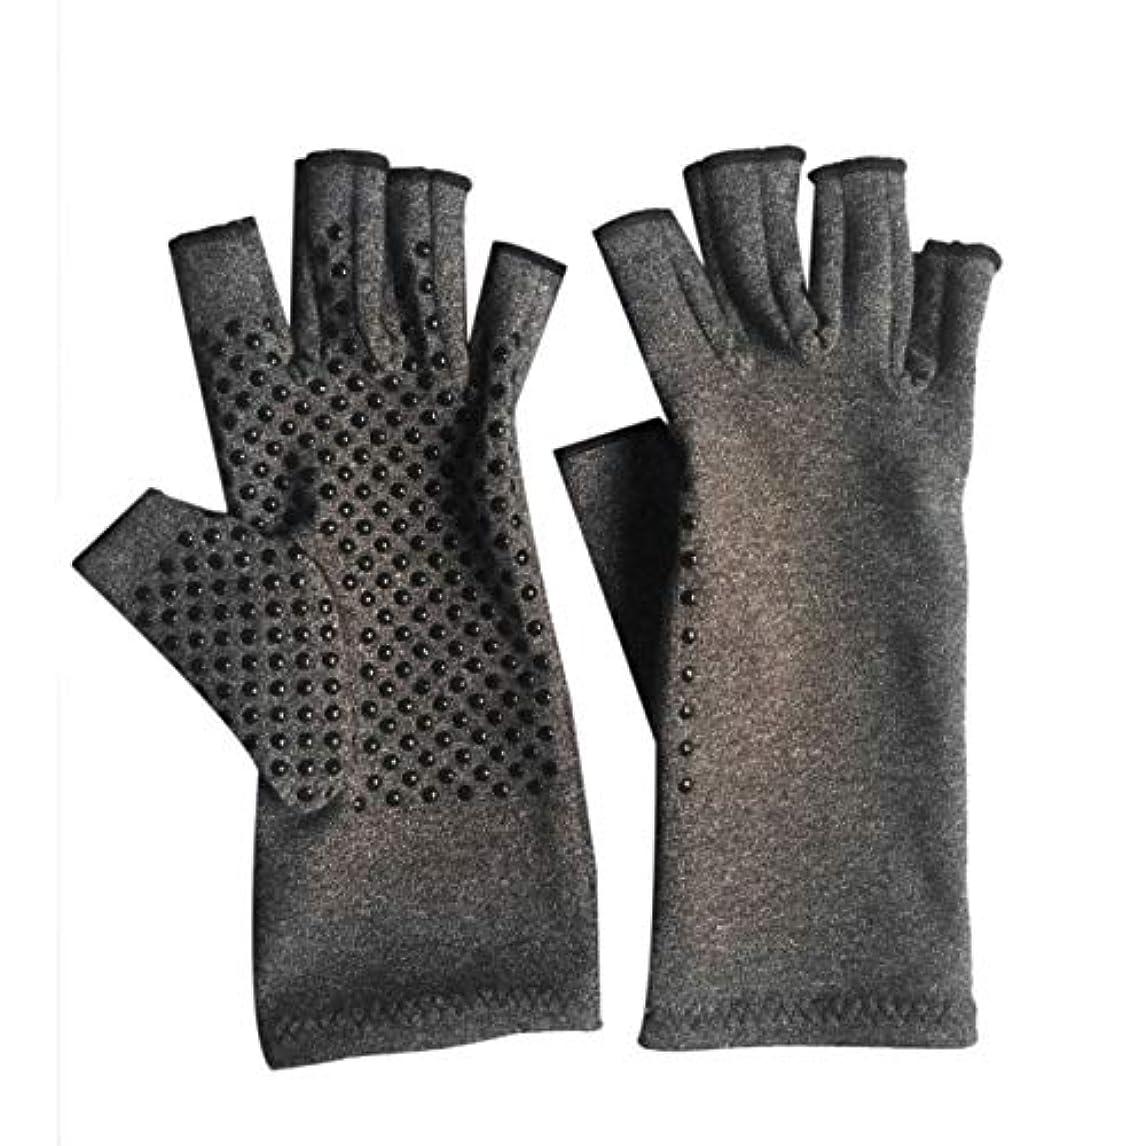 年齢宿題カフェテリアDeeploveUU 1ペアユニセックス男性女性療法圧縮手袋関節炎関節痛緩和ヘルスケアハーフフィンガーグローブトレーニンググローブ